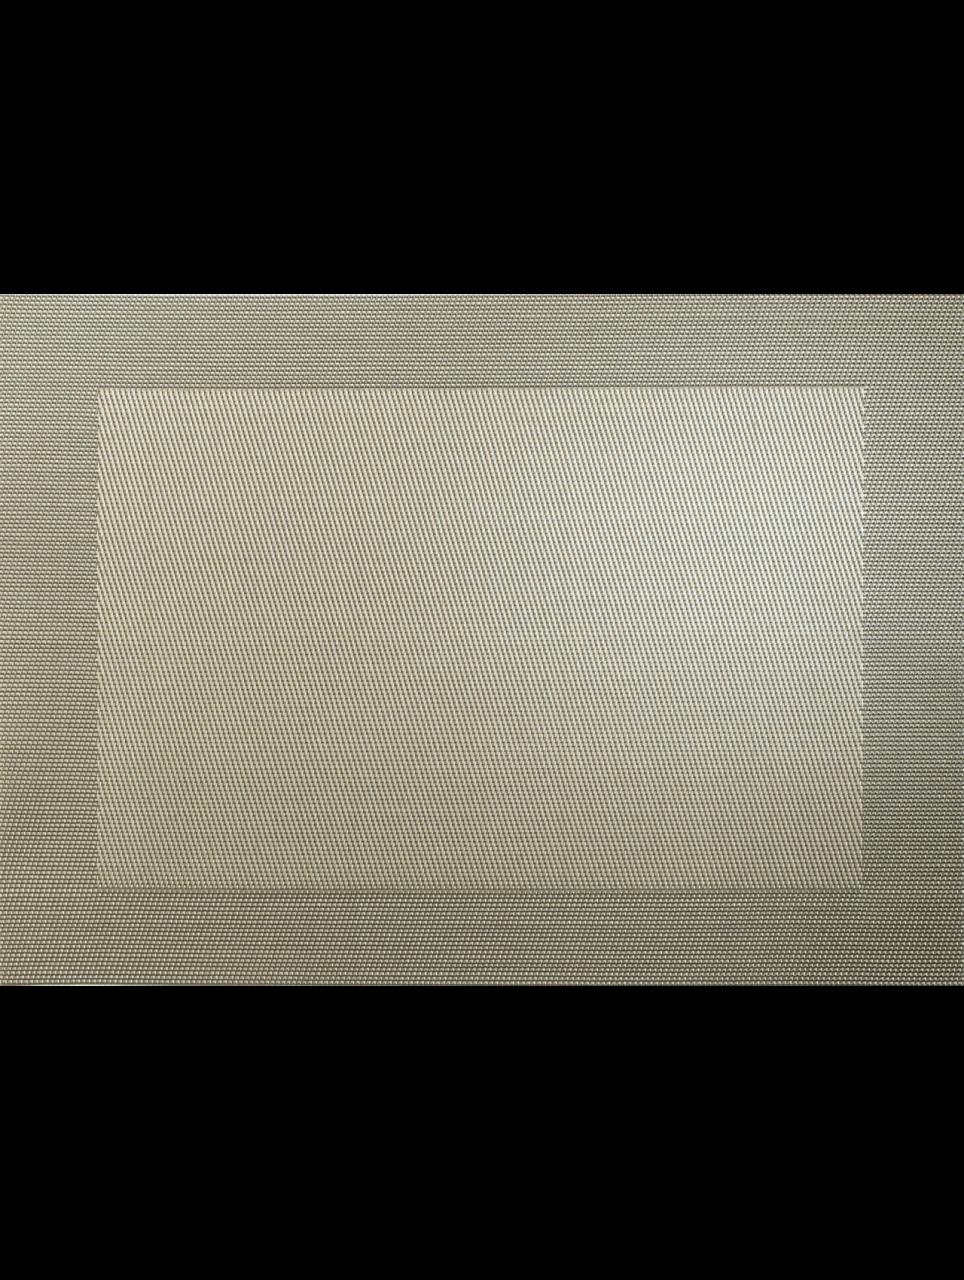 Tischset, bronze metallic